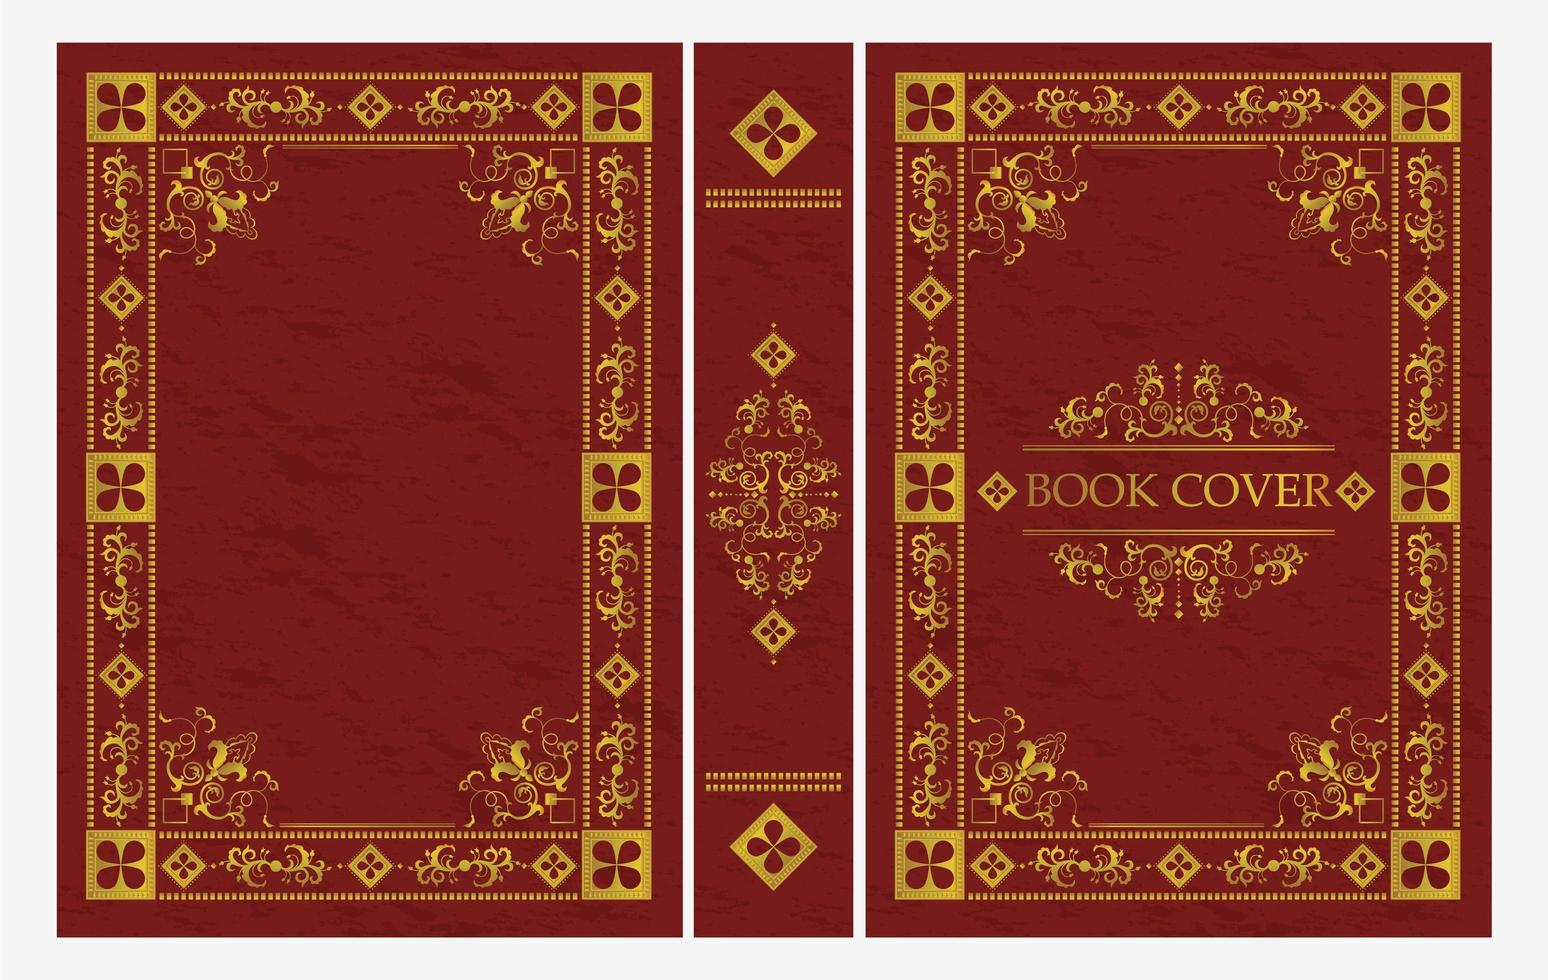 ornement rouge et or de la couverture du livre classique vecteur